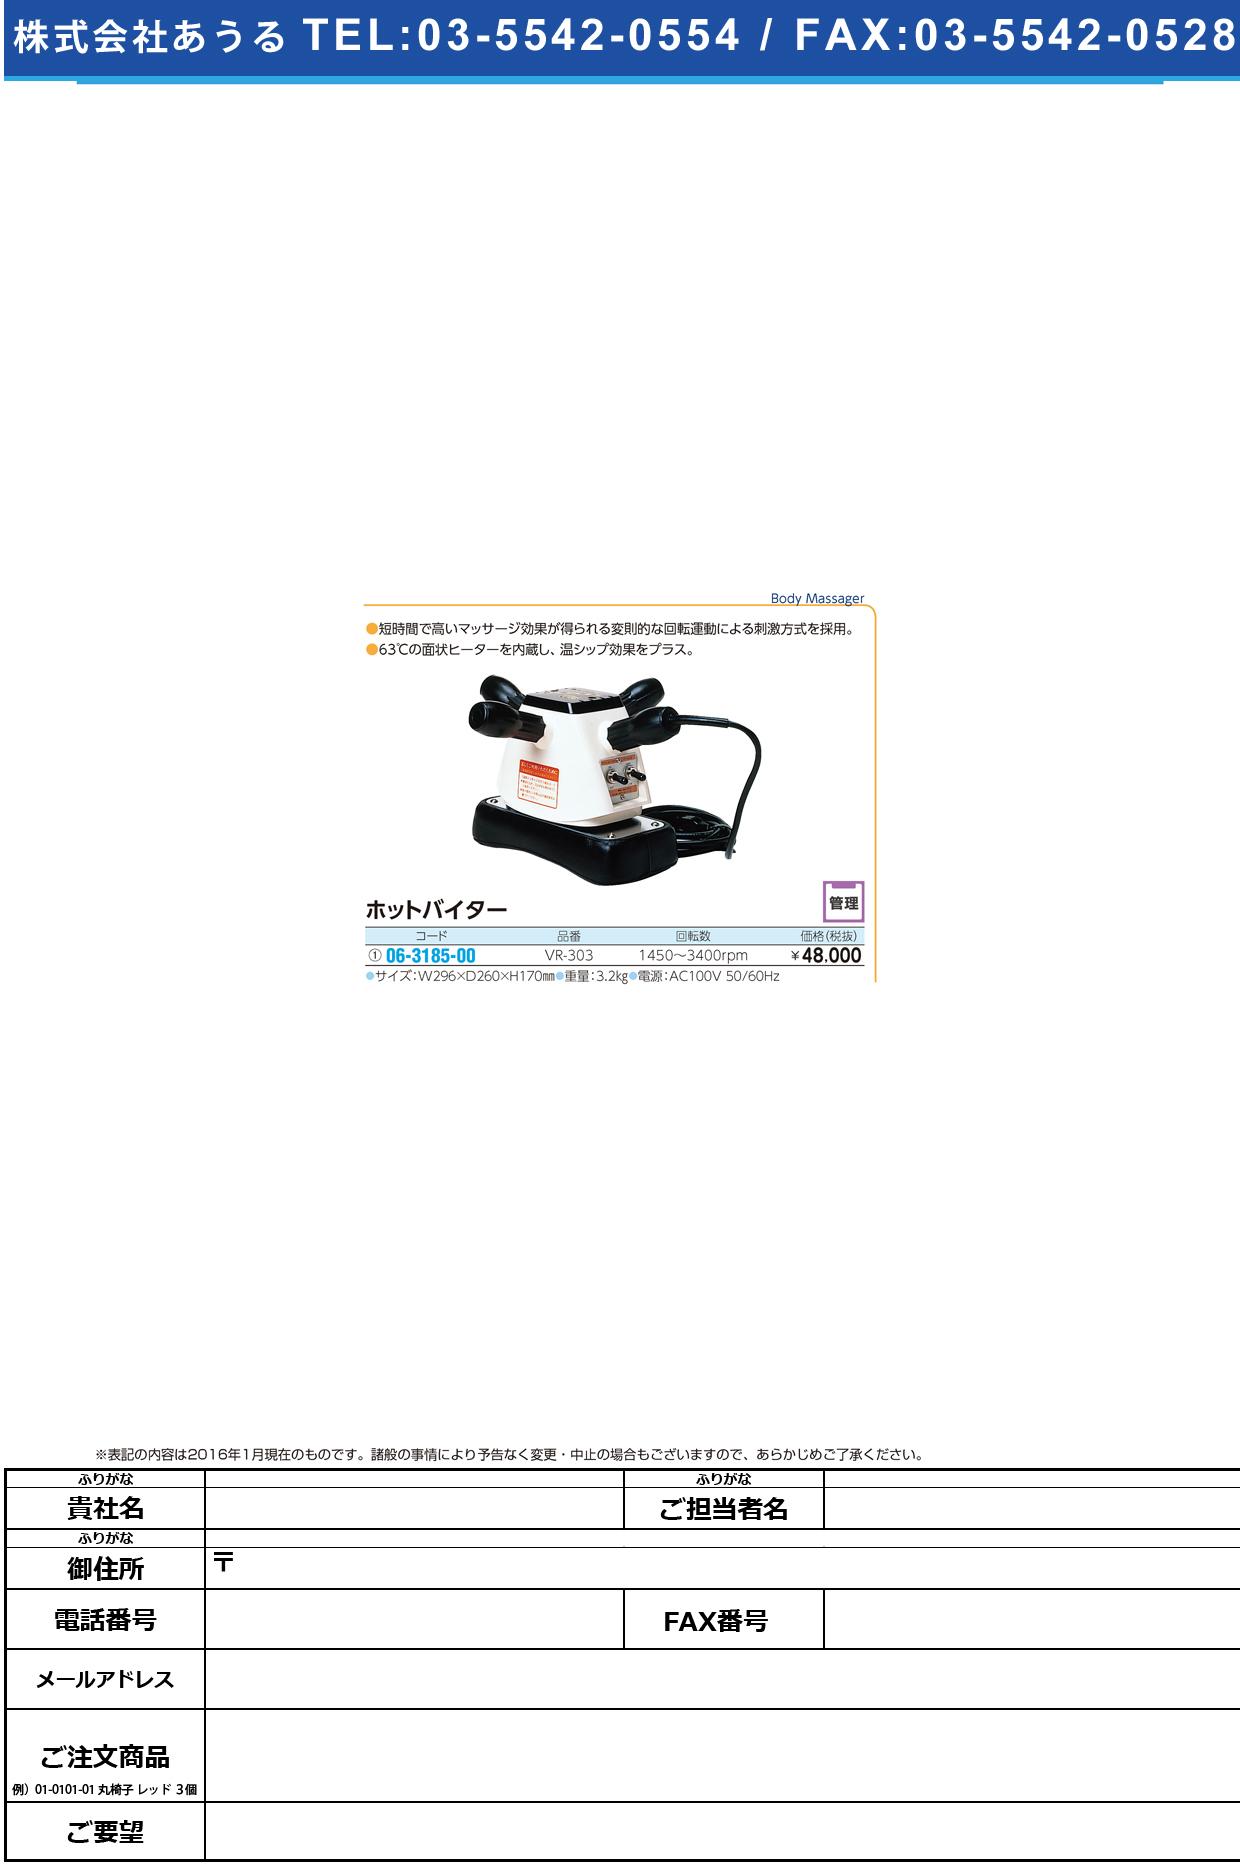 ホットバイター   ホットバイダー VR-303ガタ【1台単位】